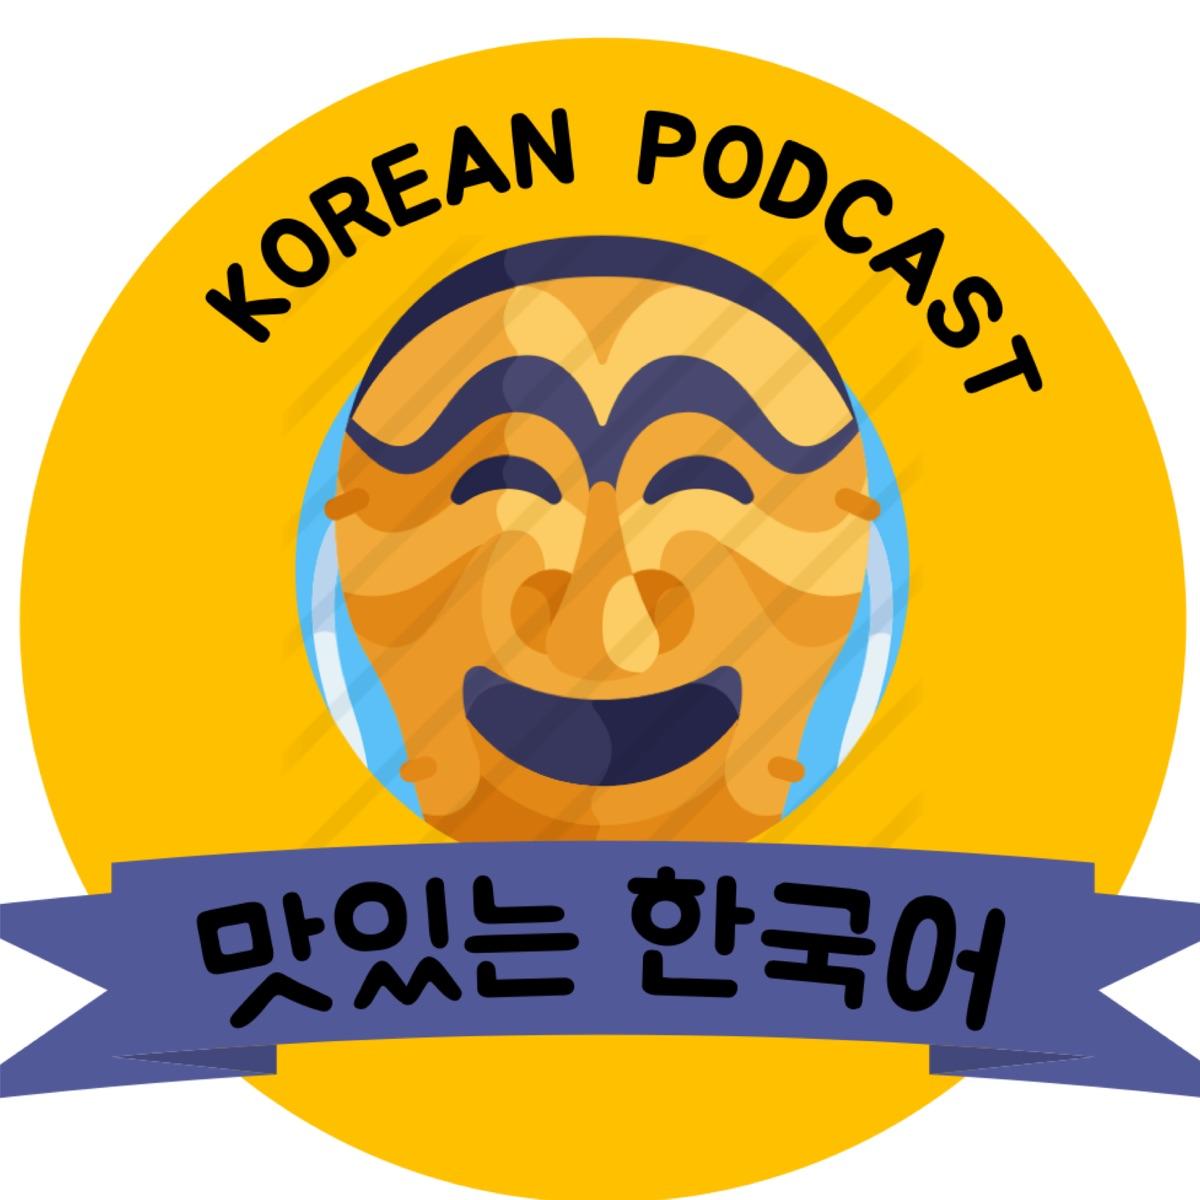 Mashineun Korean 맛있는 한국어